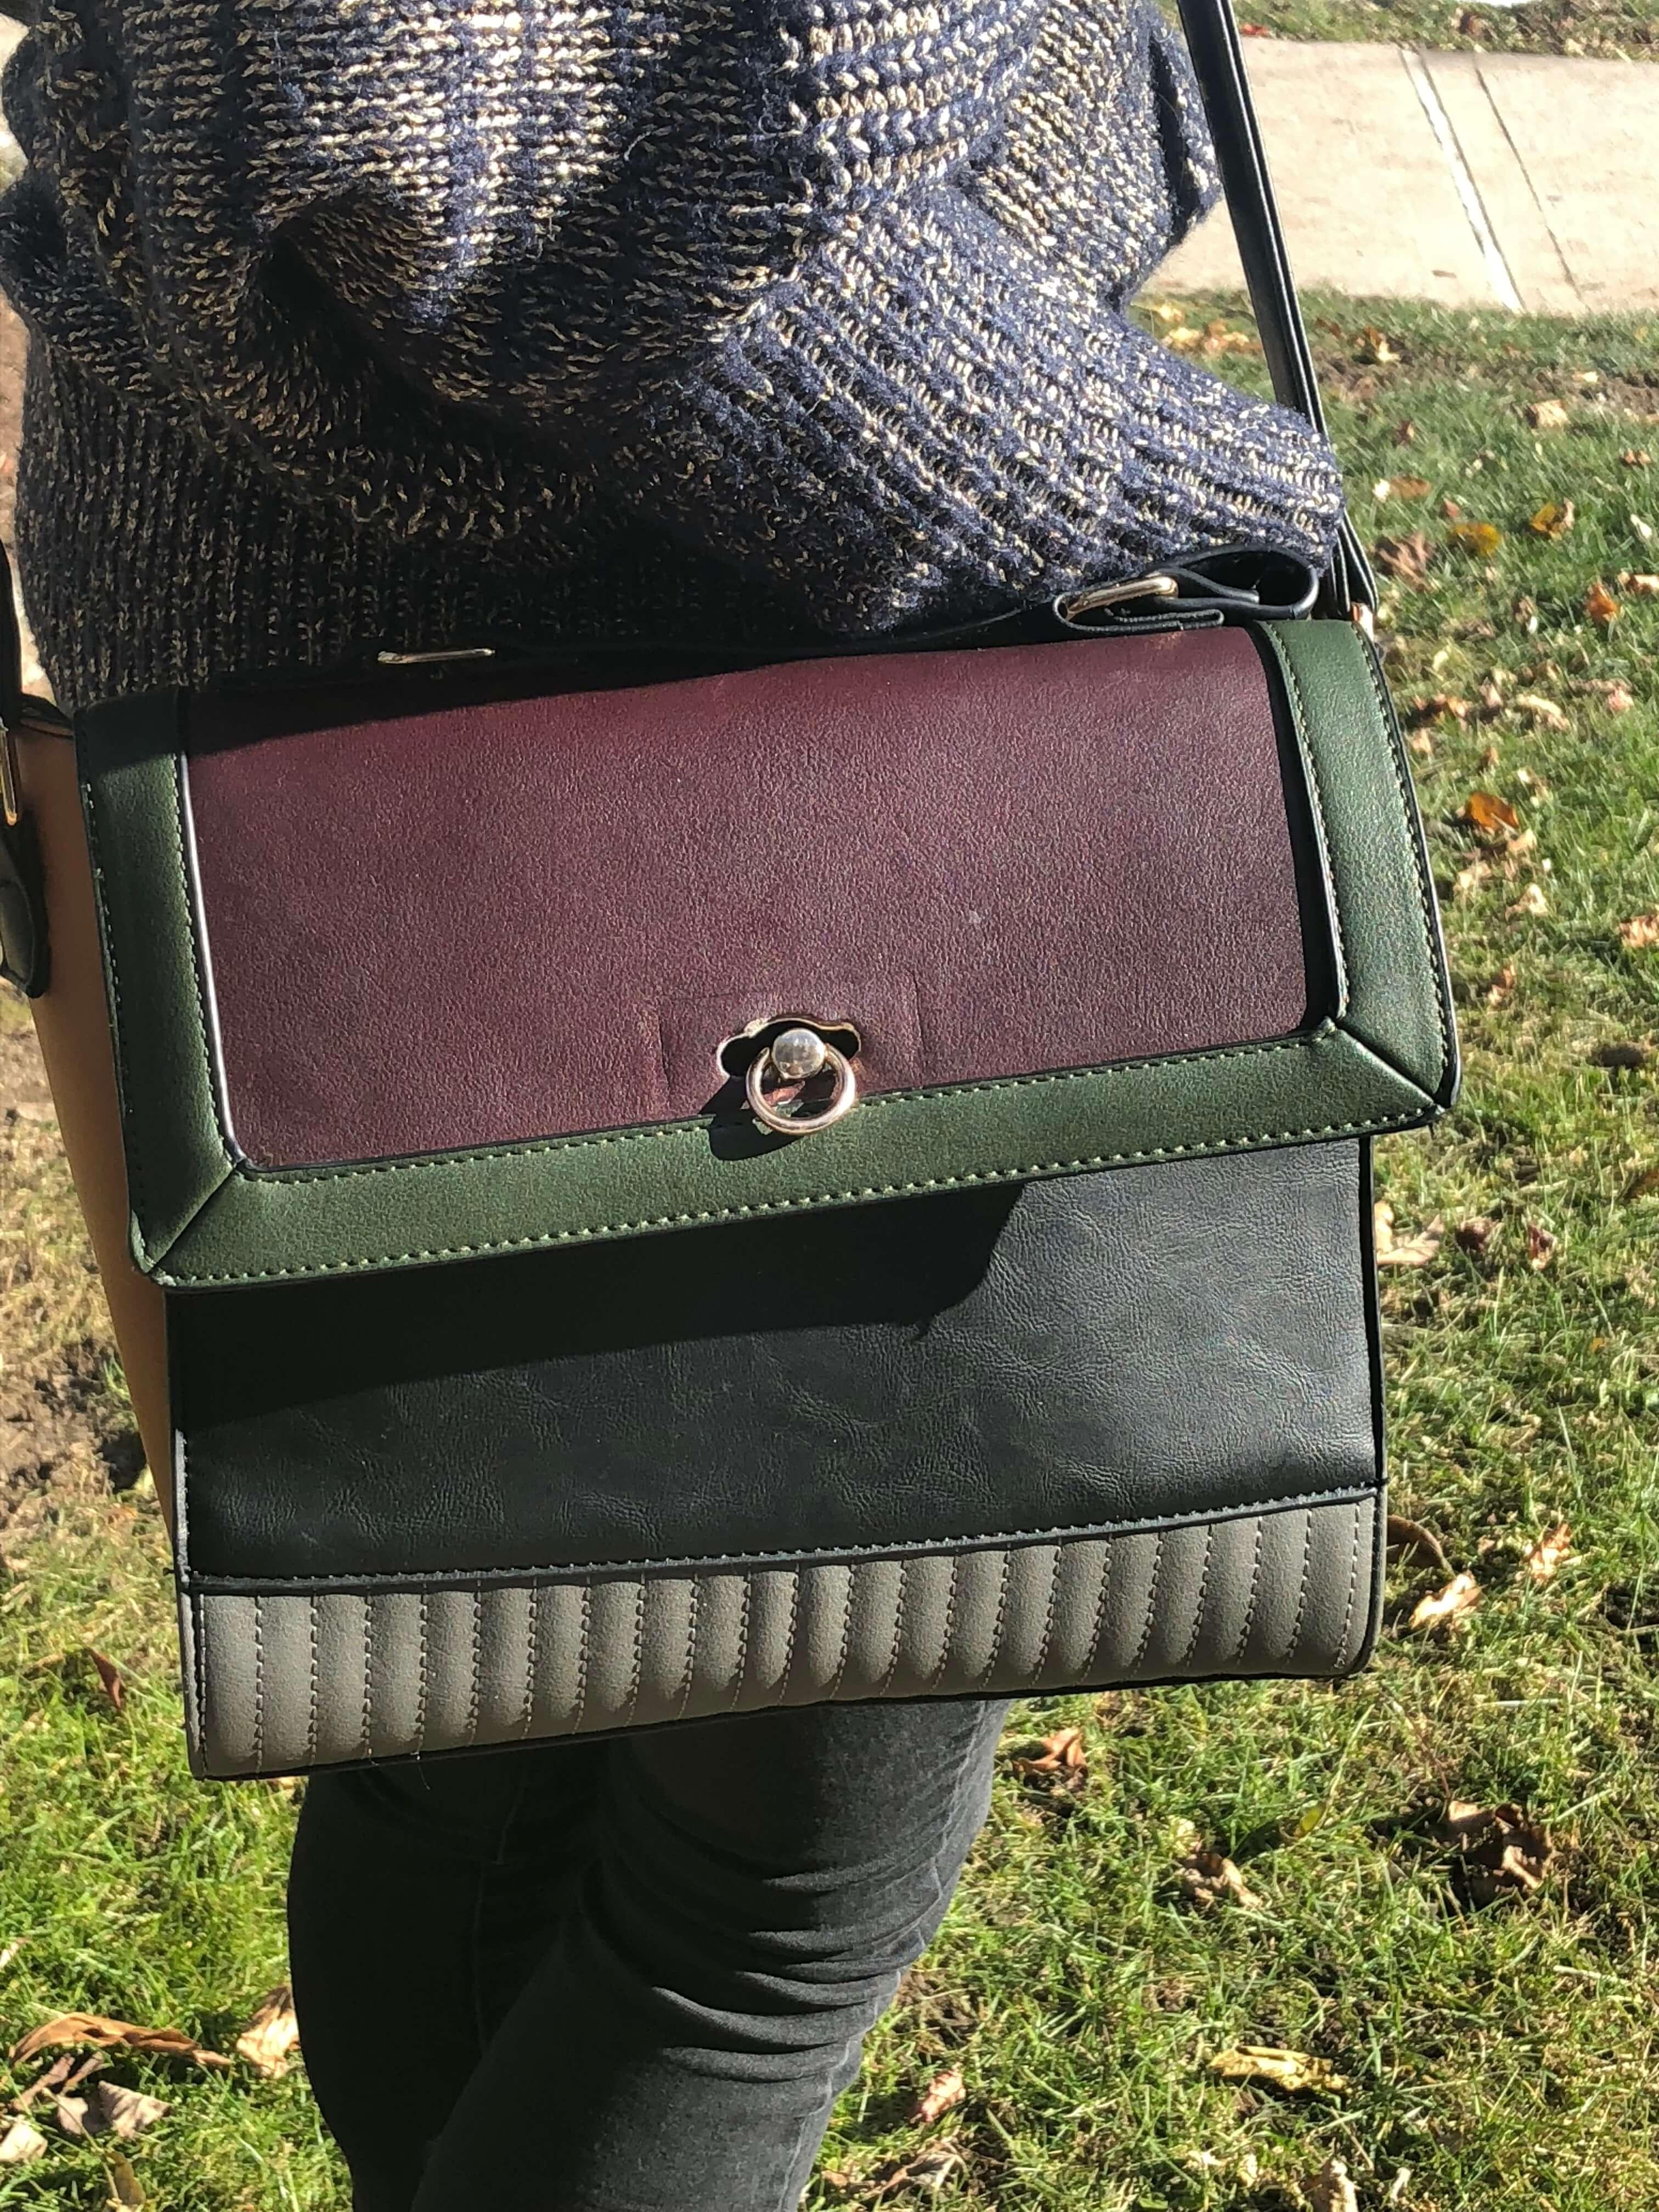 bagfall fashion essentials